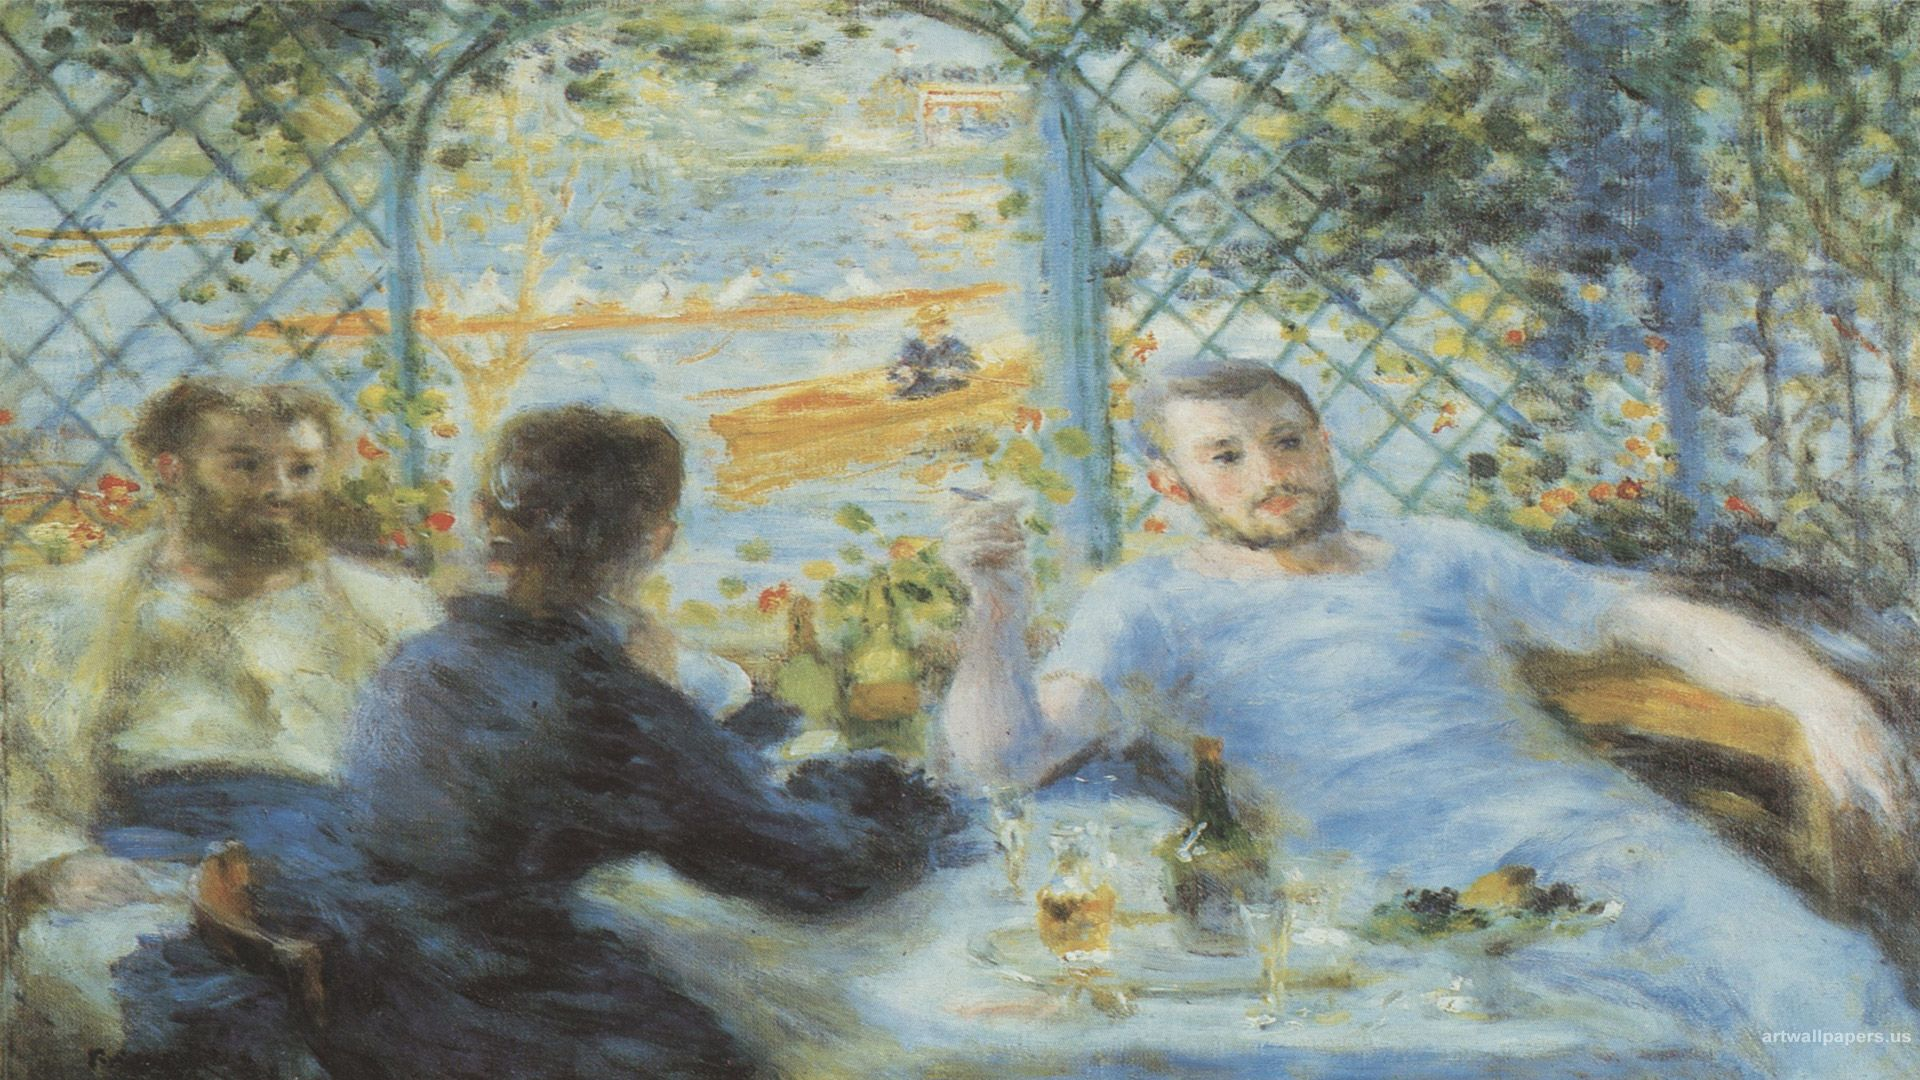 1920x1080 Pierre, auguste, hình nền, cải tạo, nền, màn hình rộng, bức tranh